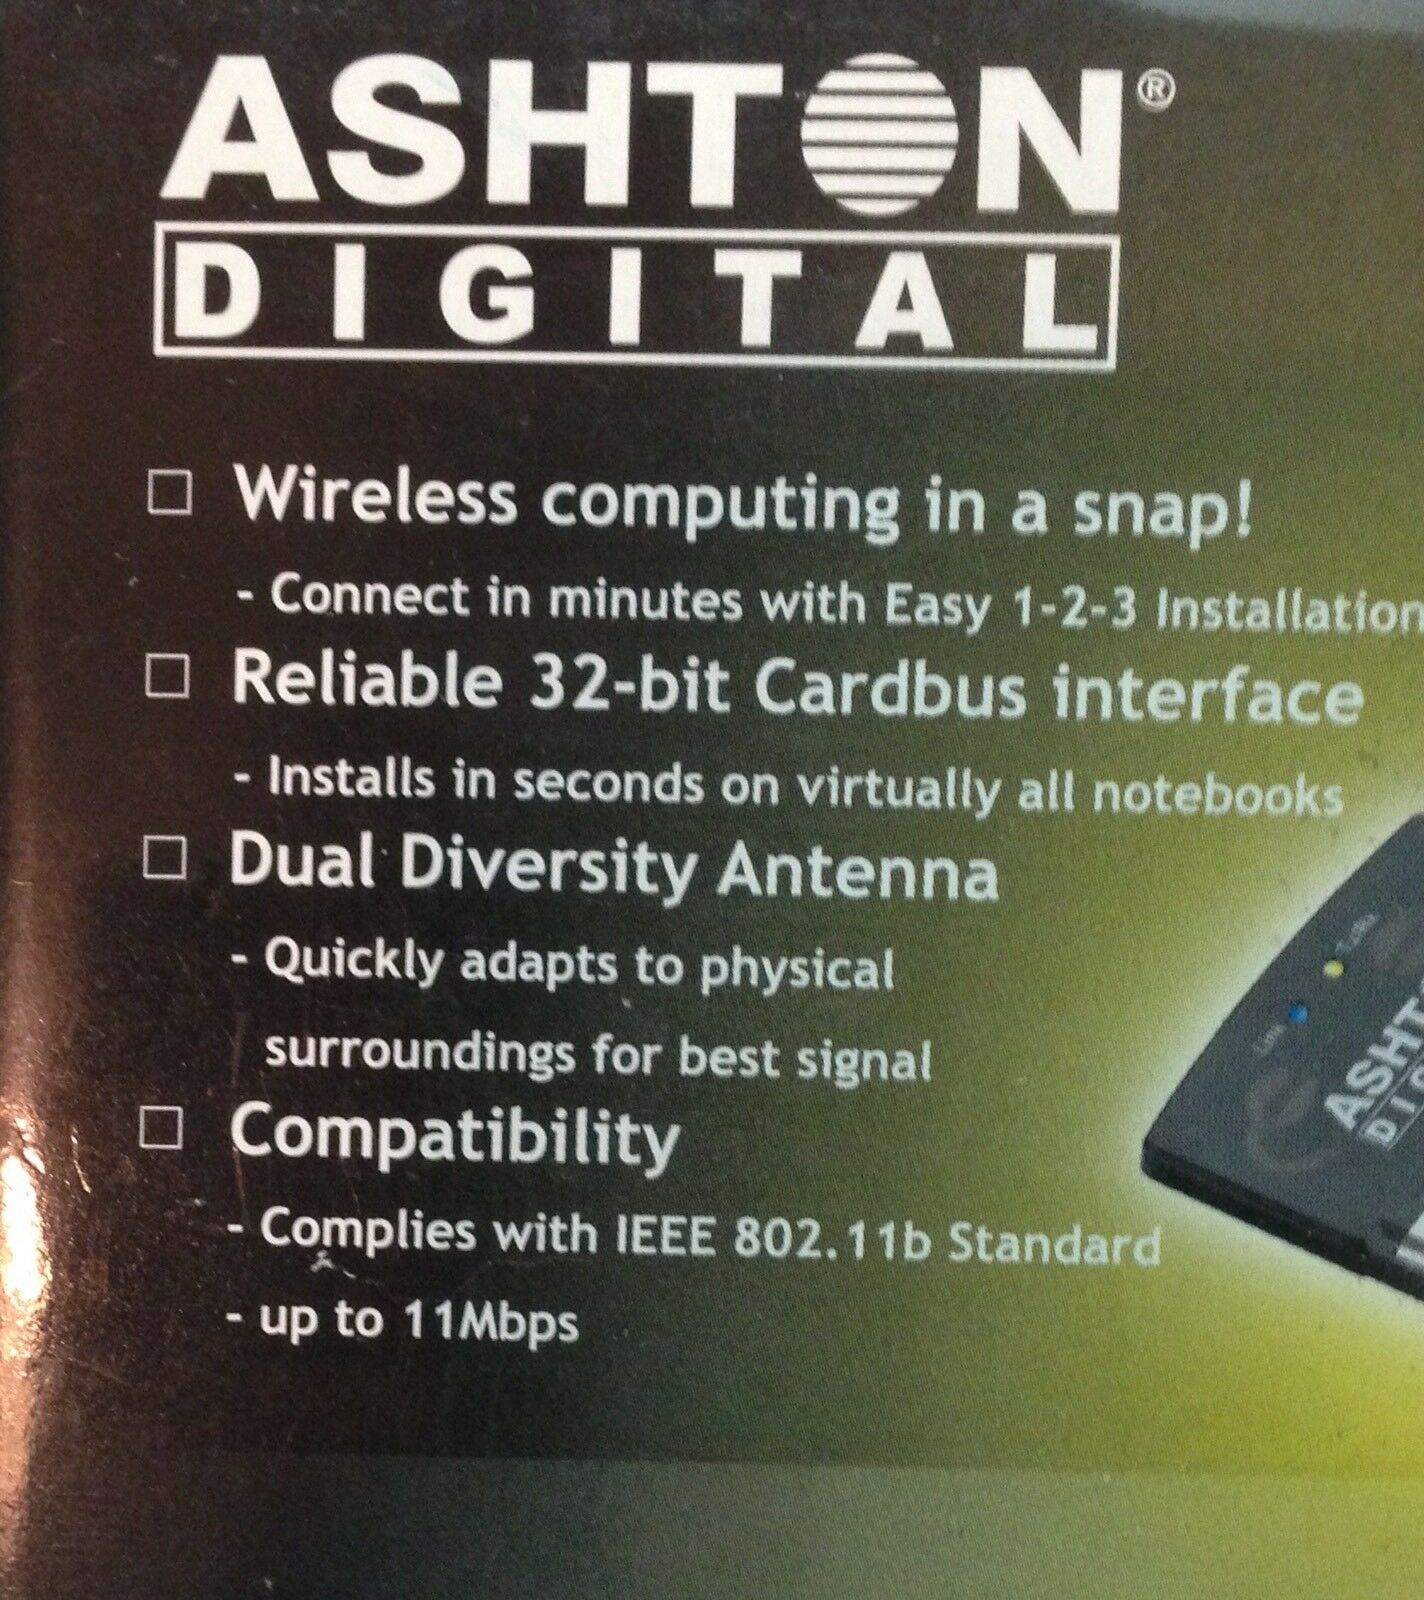 ASHTON DIGITAL WRCB-1011R DRIVER FOR WINDOWS